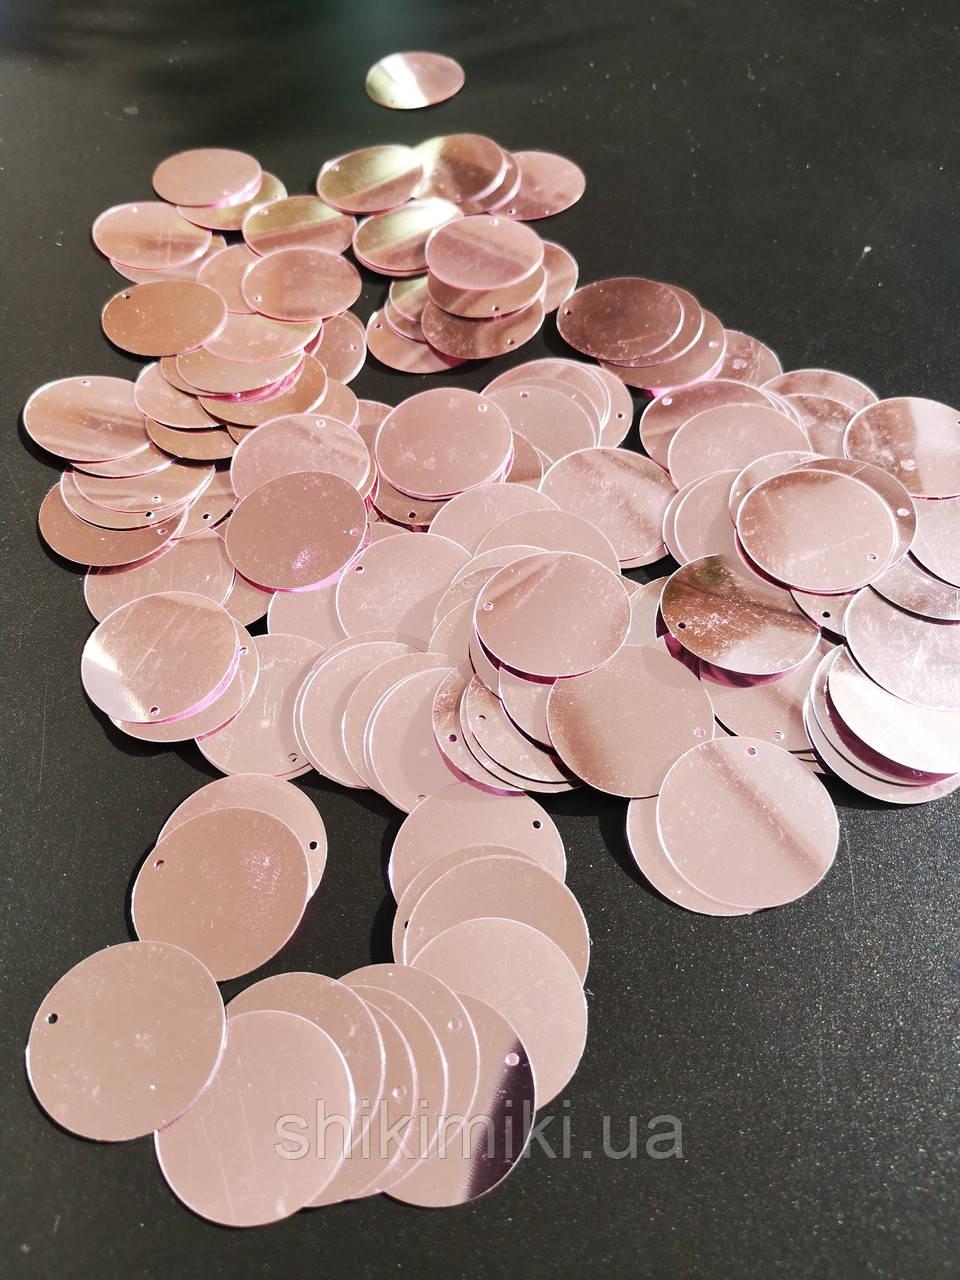 Пайетки сумочные 30 мм, цвет нежно розовый